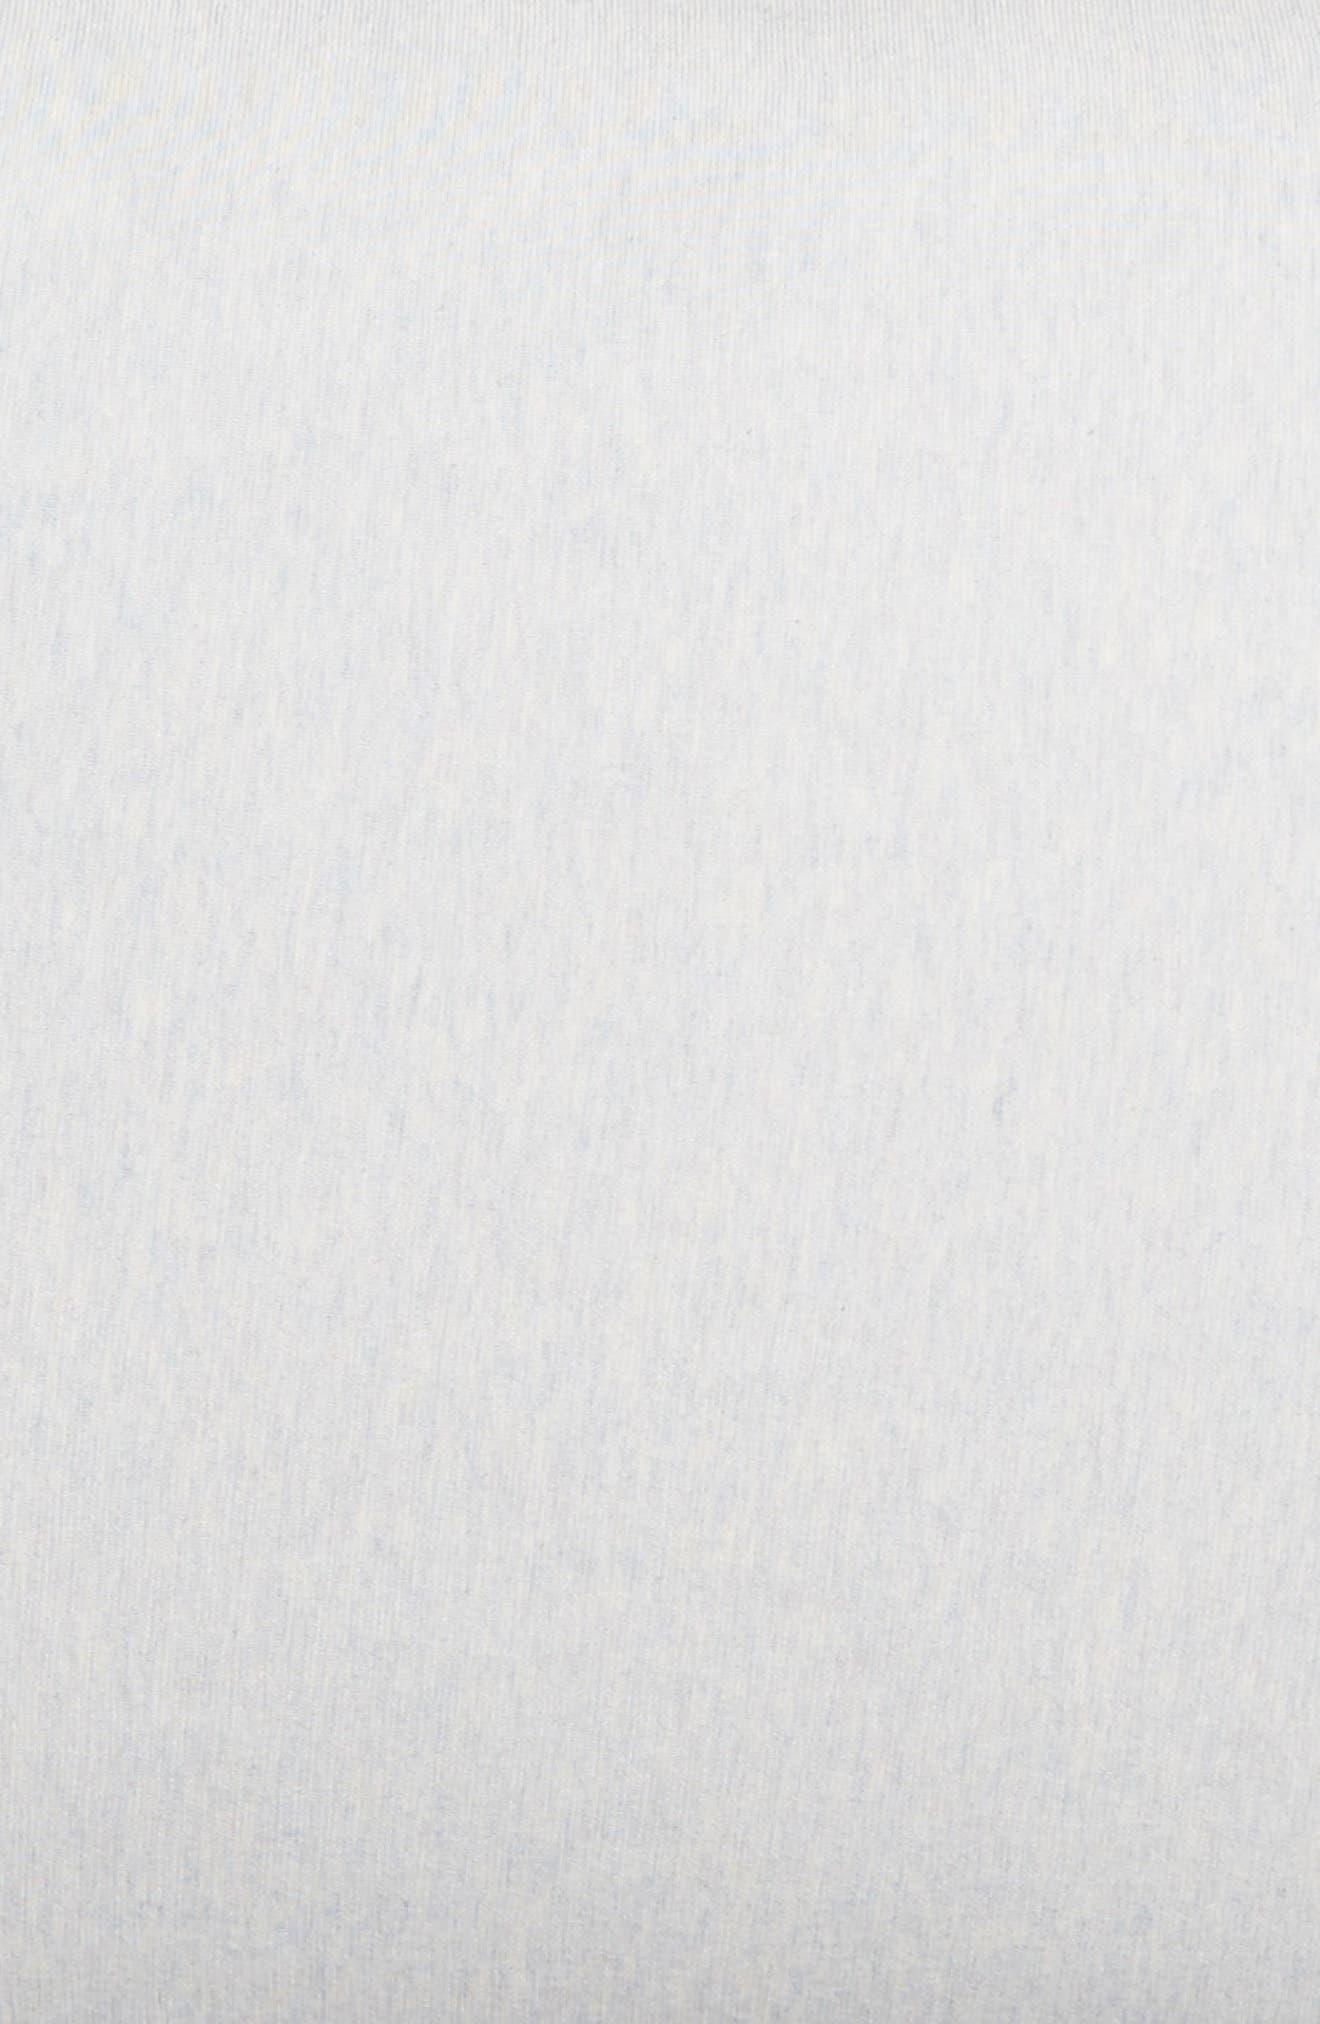 Calvin Klein Pulse Pillowcases,                             Alternate thumbnail 2, color,                             020